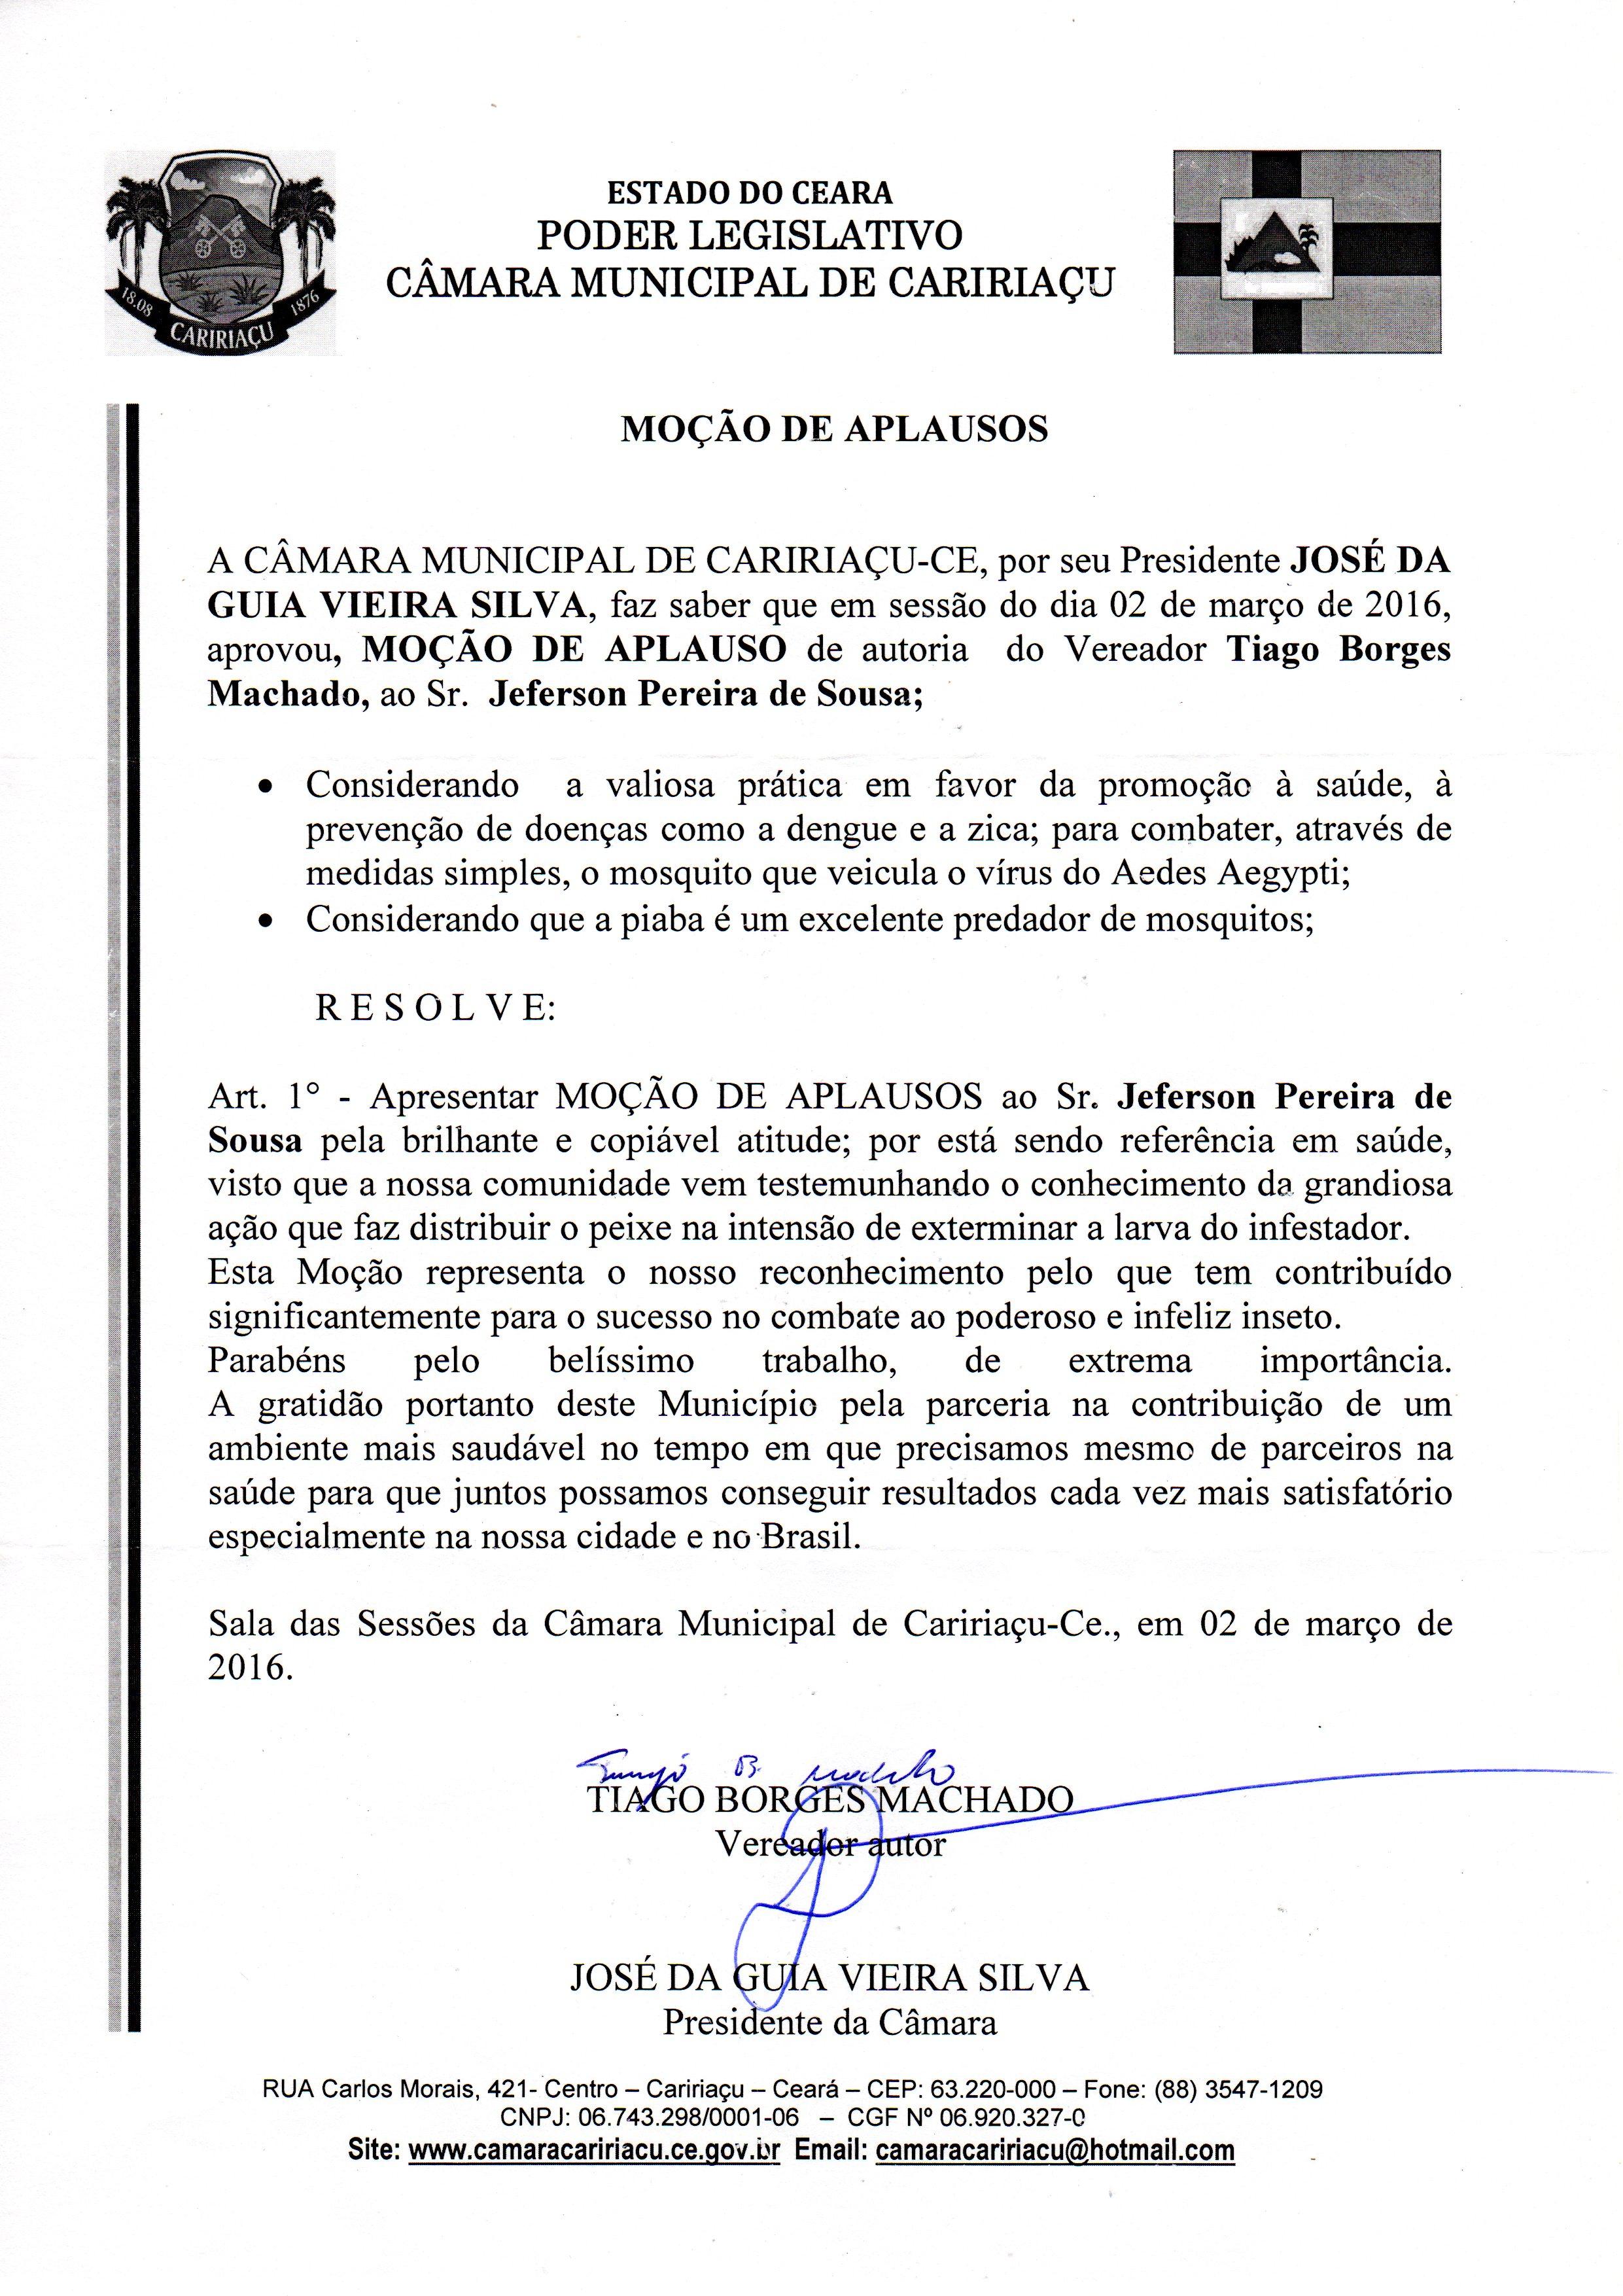 Câmara Municipal de Caririaçu - Moção de aplausos